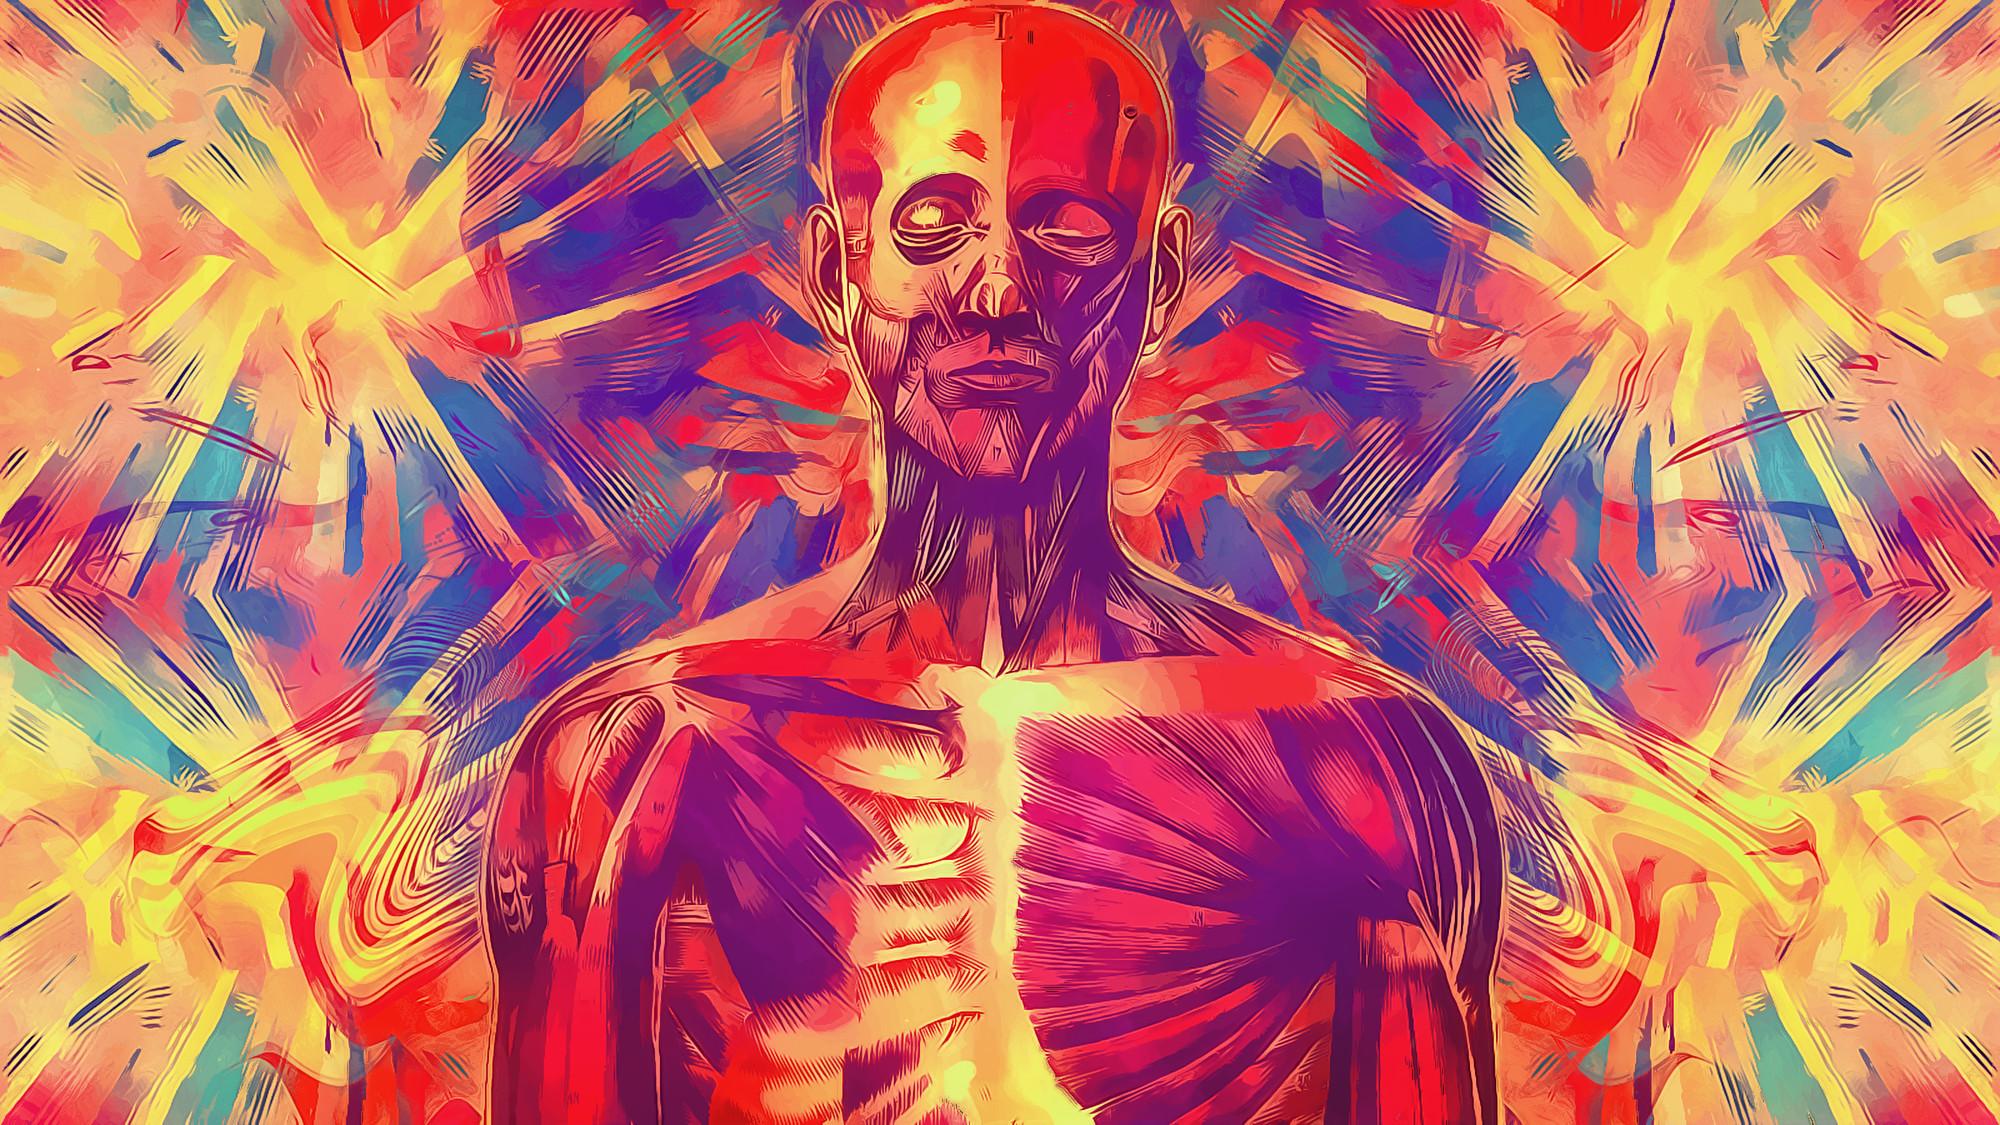 Medical Wallpaper Backgrounds 63 Images